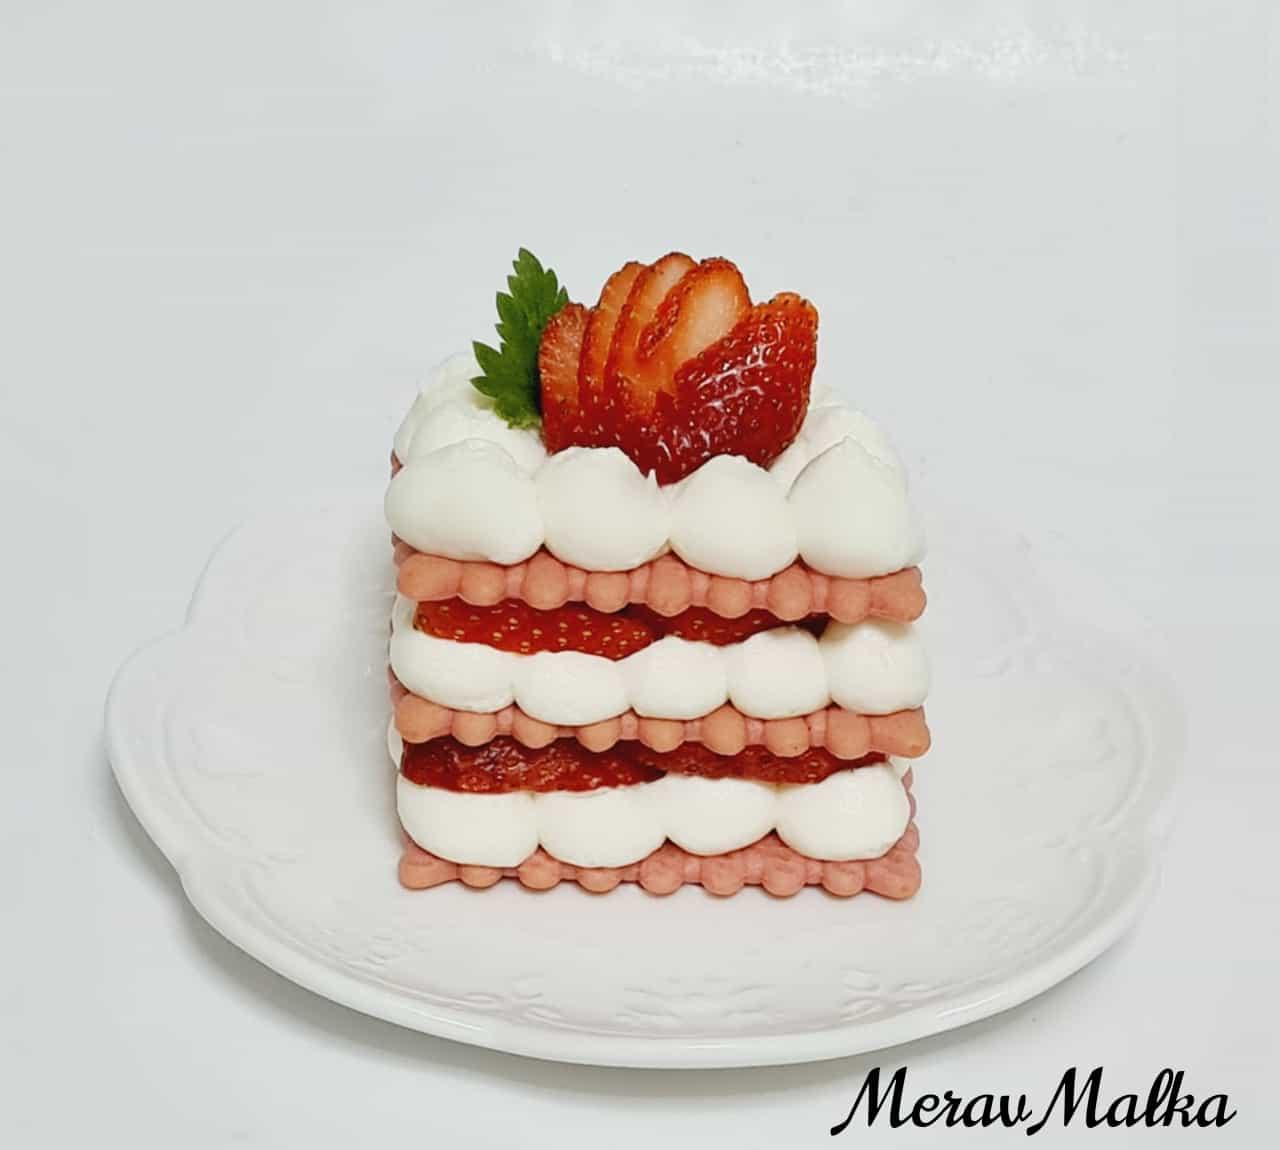 מרגישים 'שבועות' מעבר לפינה: עוגת גבינה ביסקוויטים עם תותים / מירב מלכה